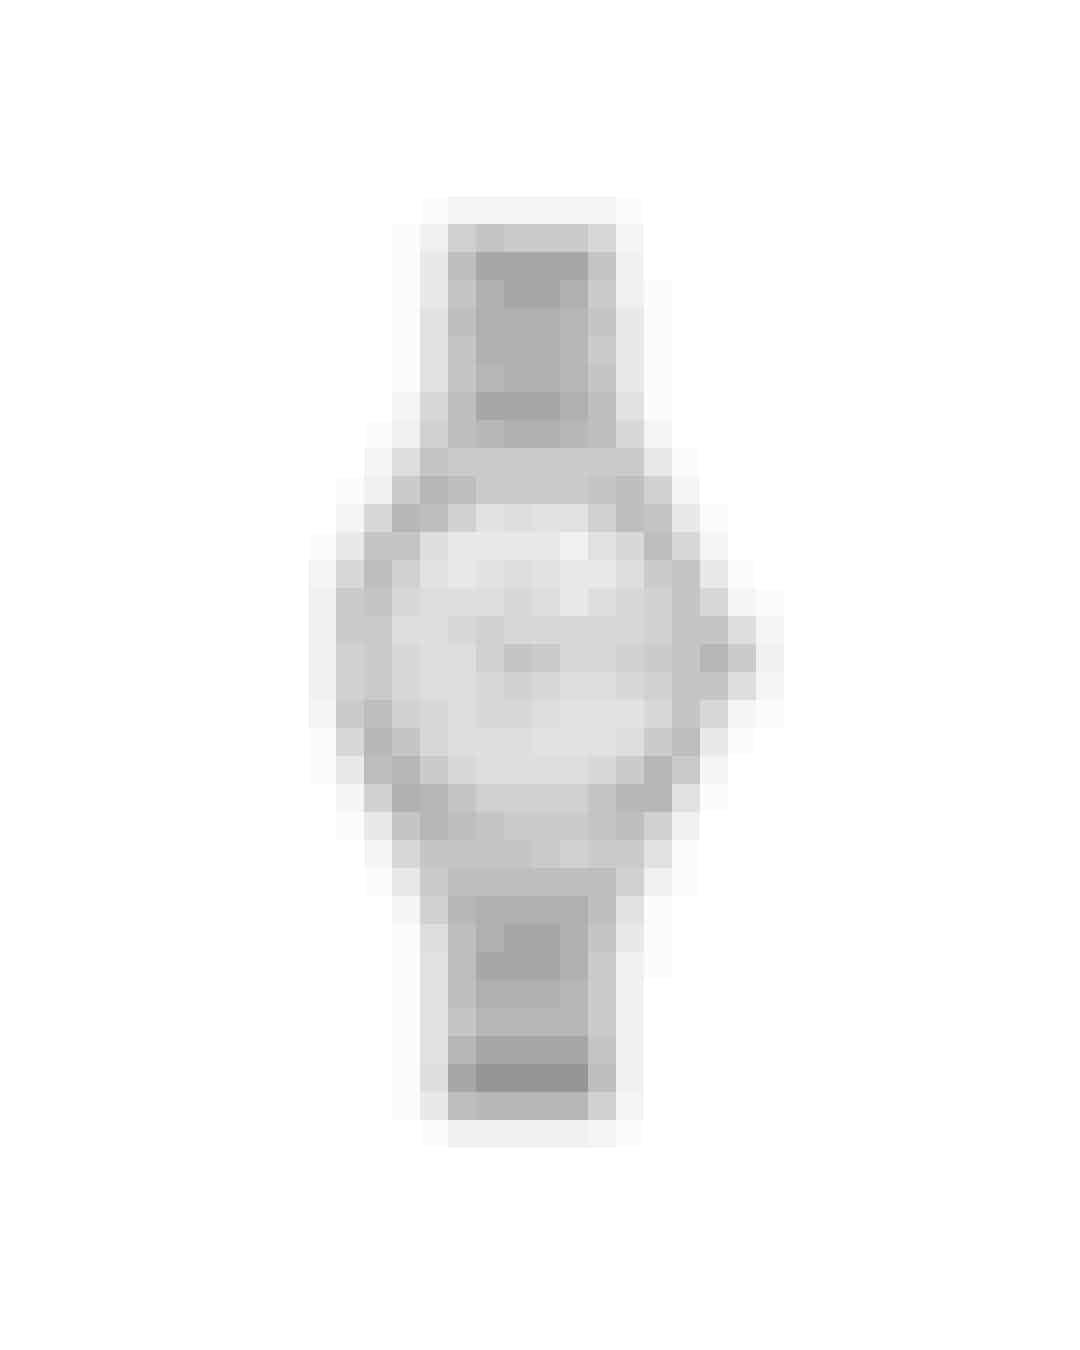 Jeg elsker et helt klassisk, tidløst ur, der bare virker til alt. Jeg kan hurtigt føle mig for pyntet med for mange detaljer, så derfor er dette helt perfekt.